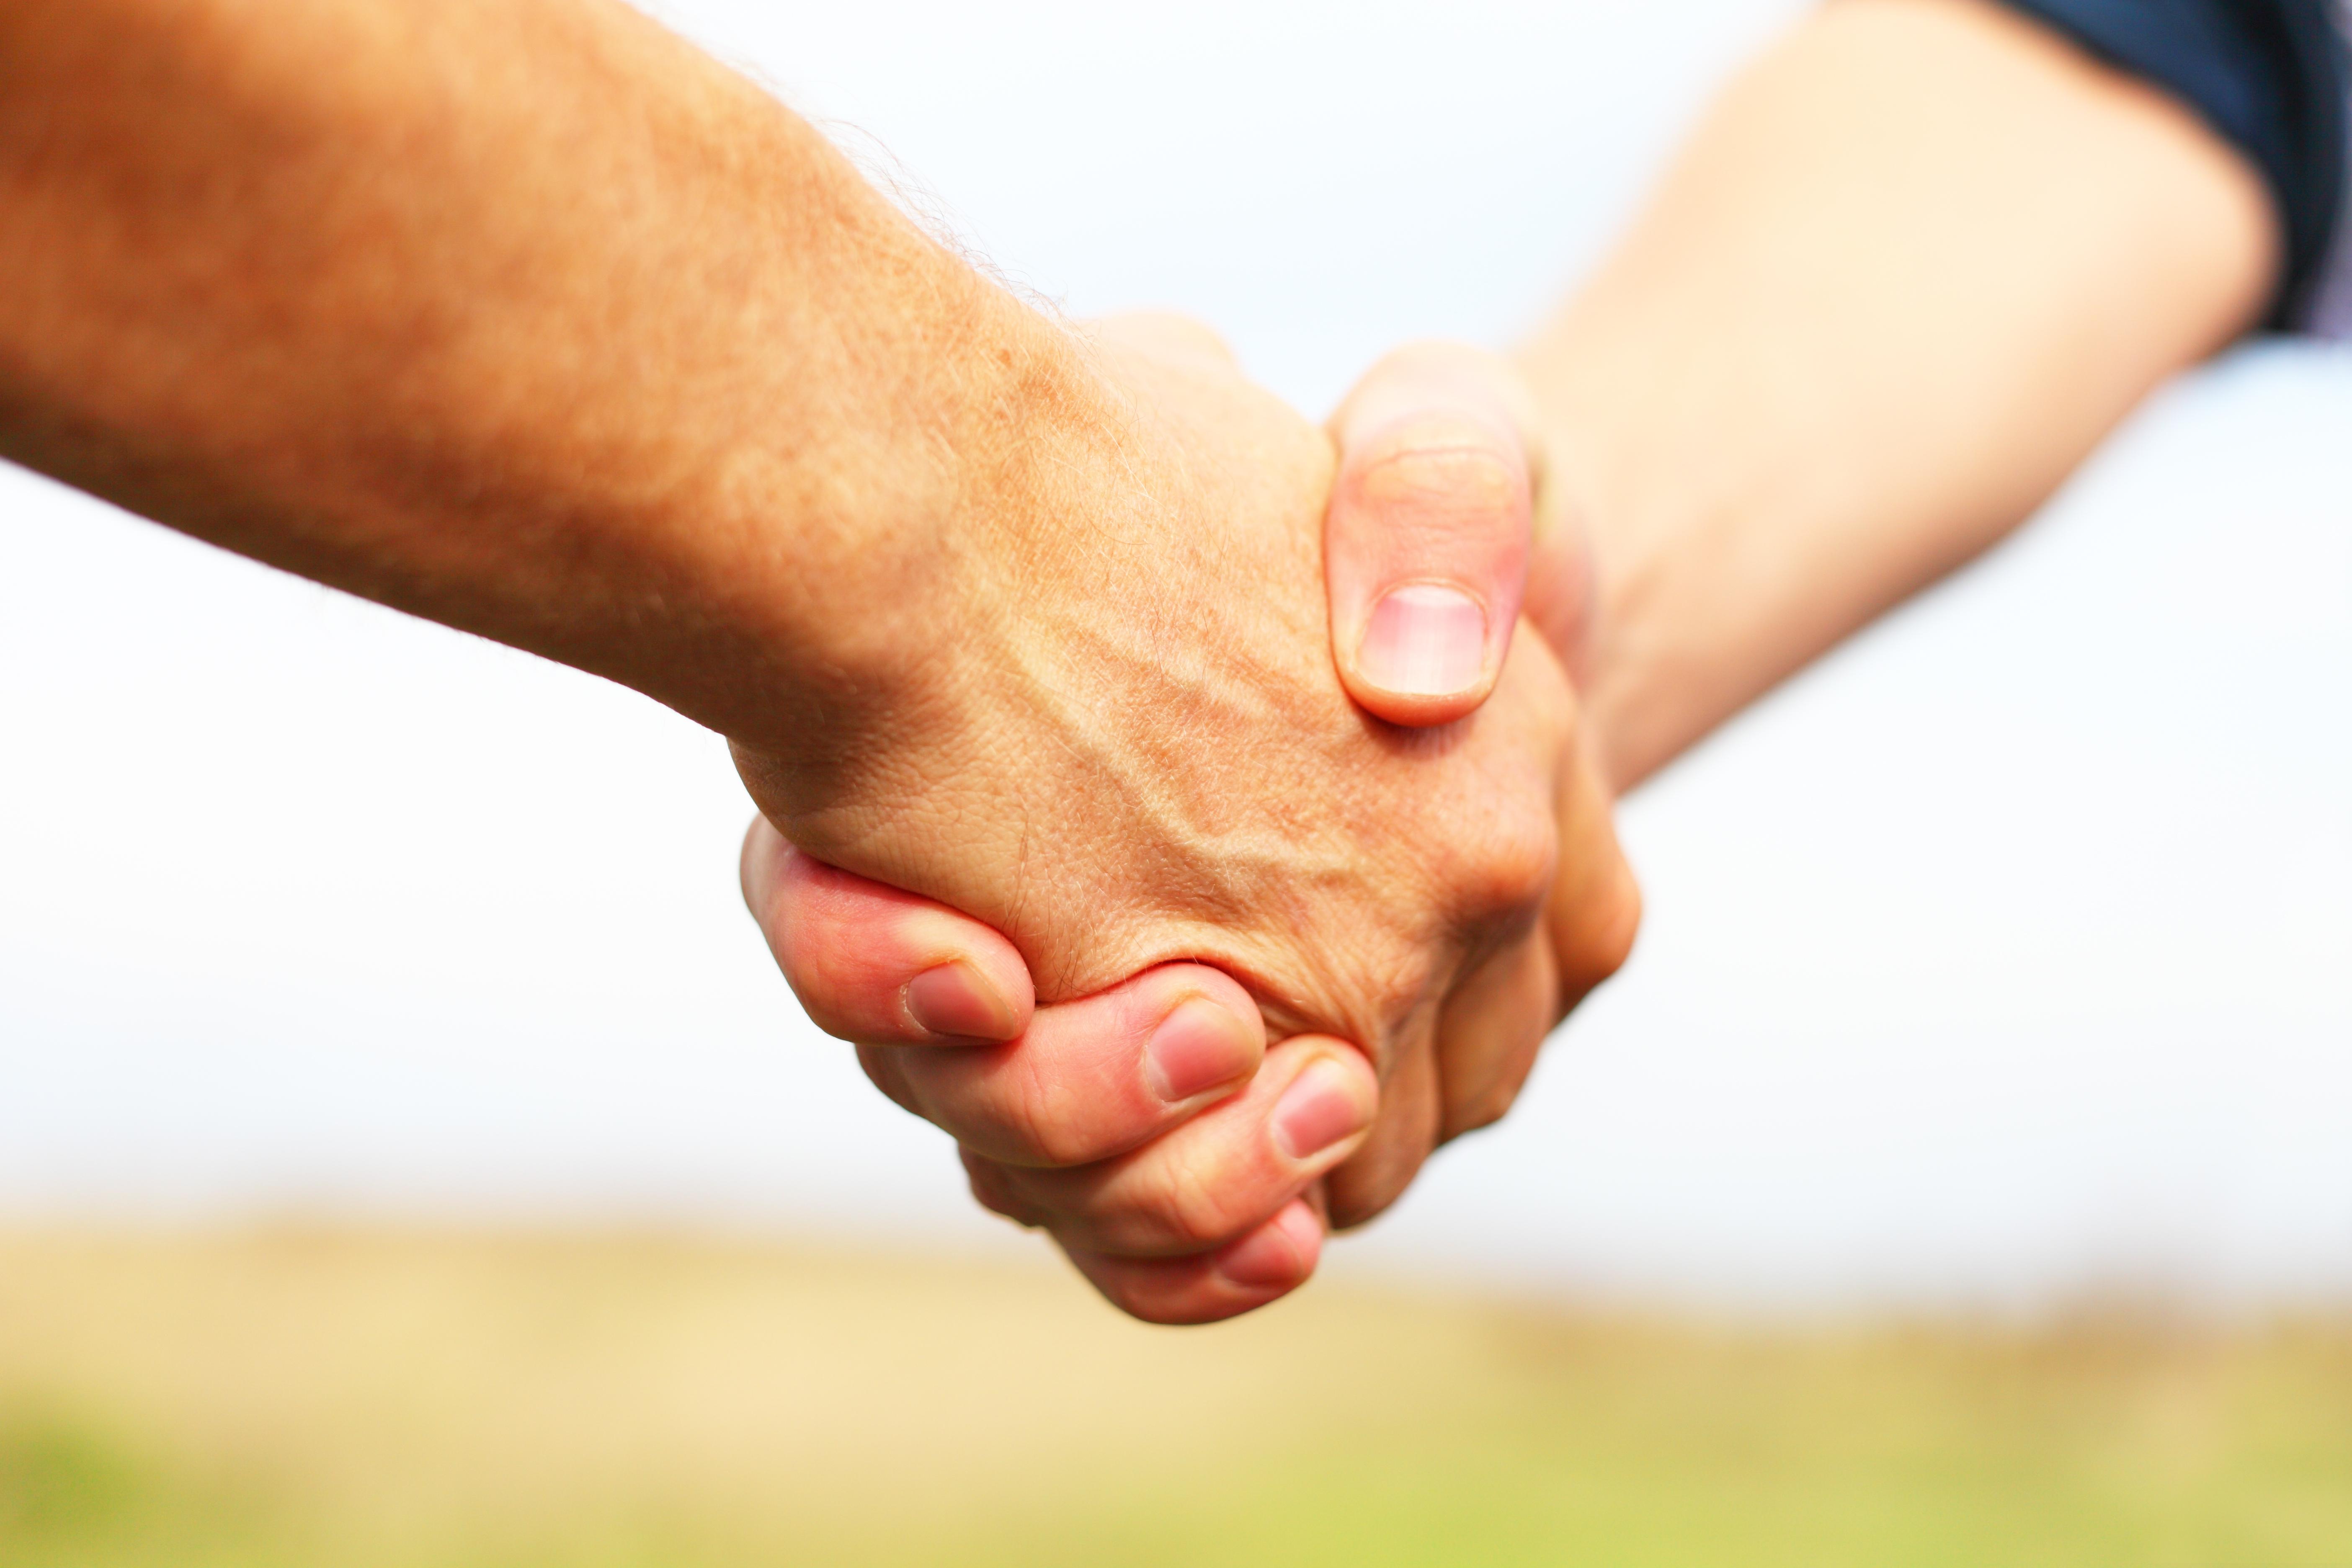 Handen schudden